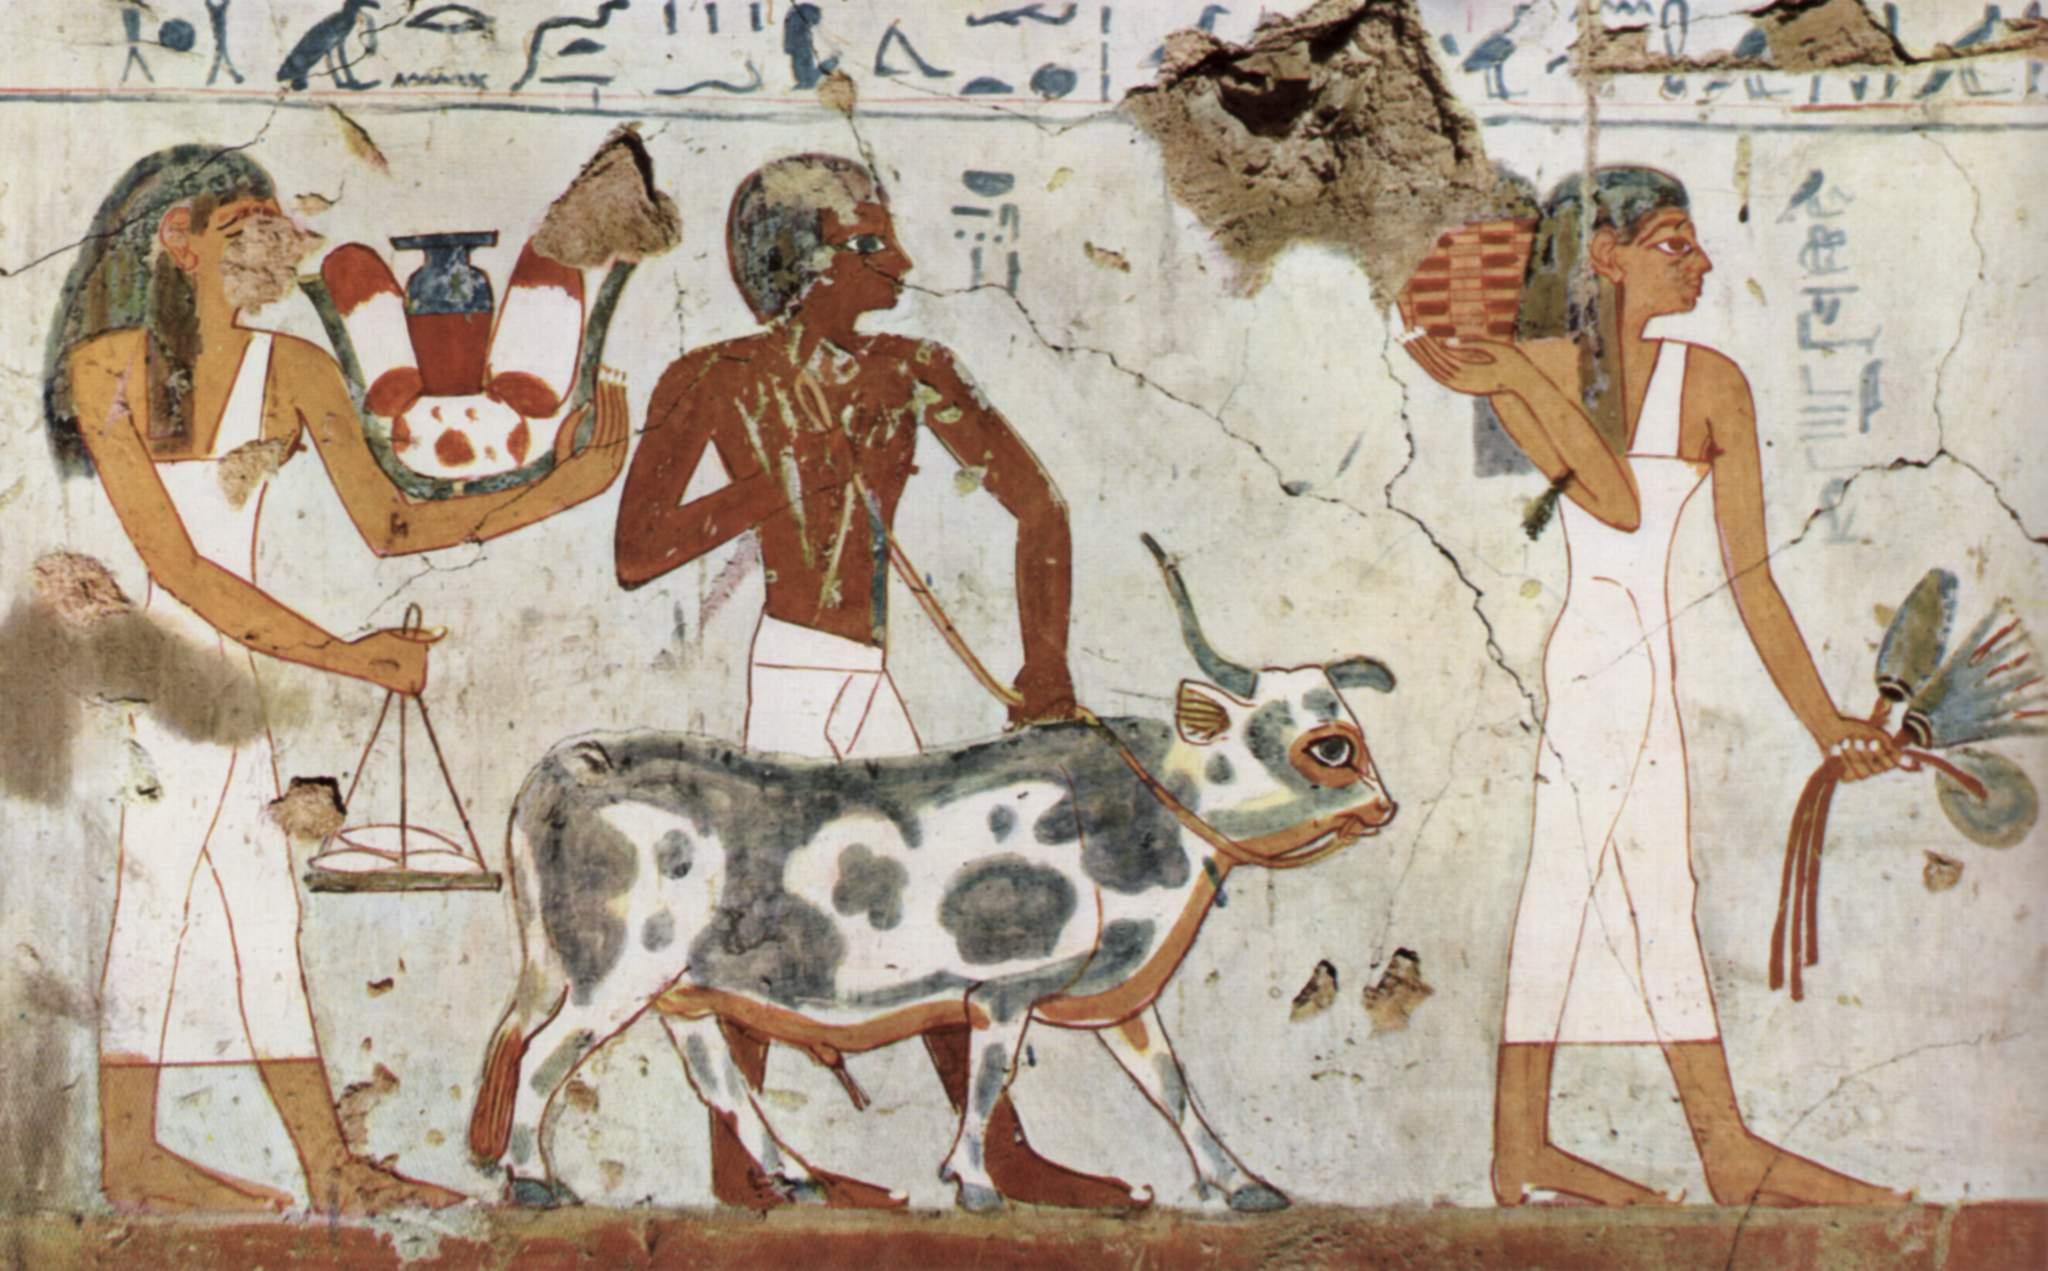 VIDA QUOTIDIANA A L'ANTIC EGIPTE